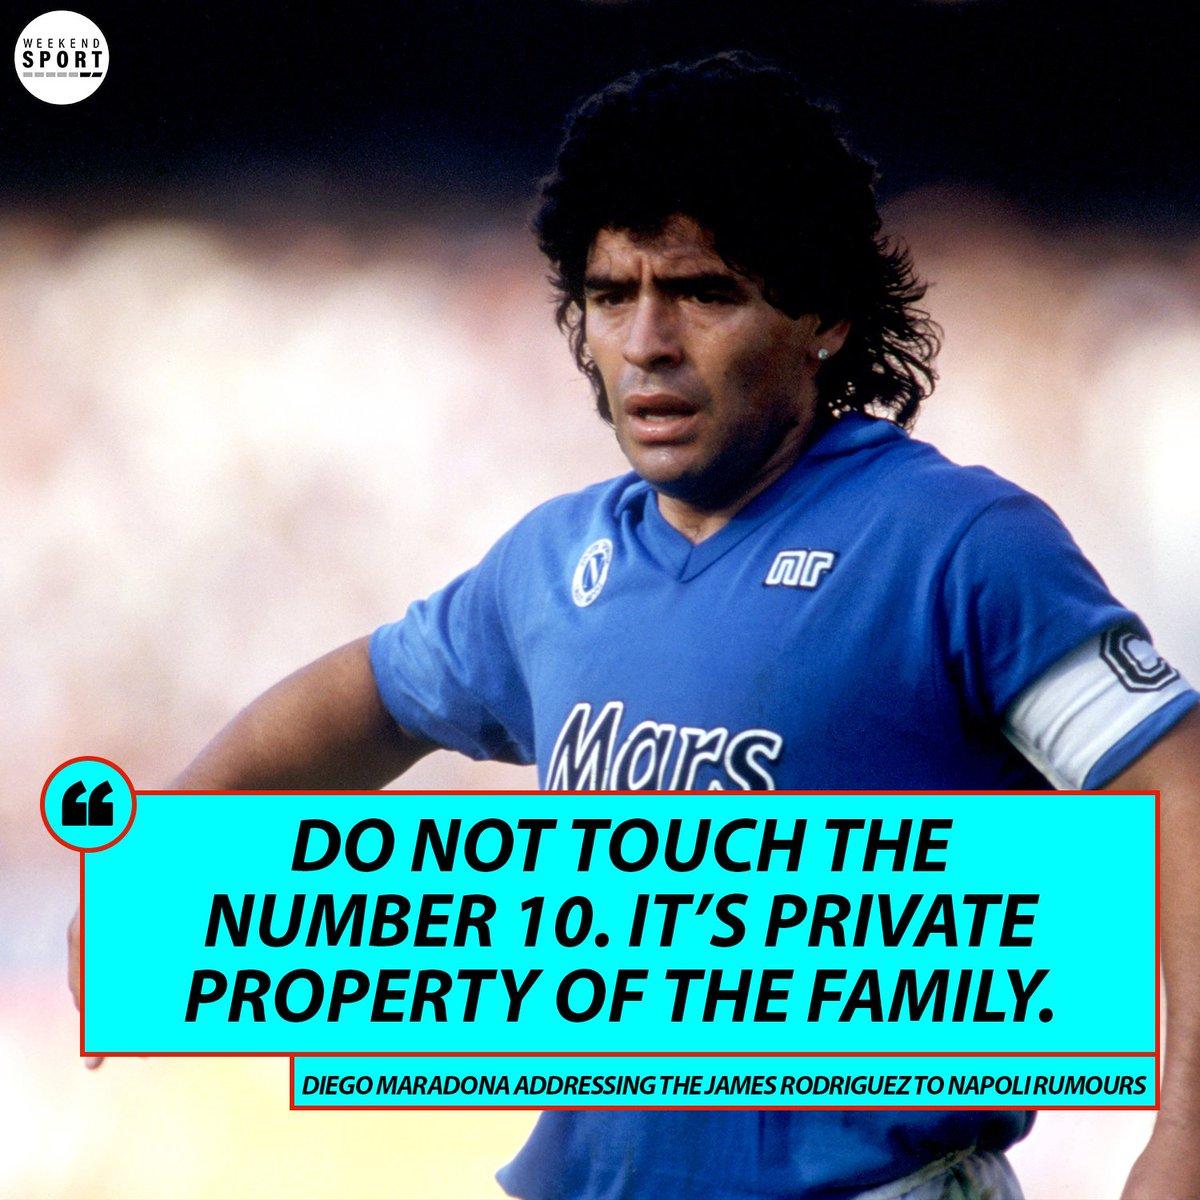 @WeekendSport's photo on Maradona